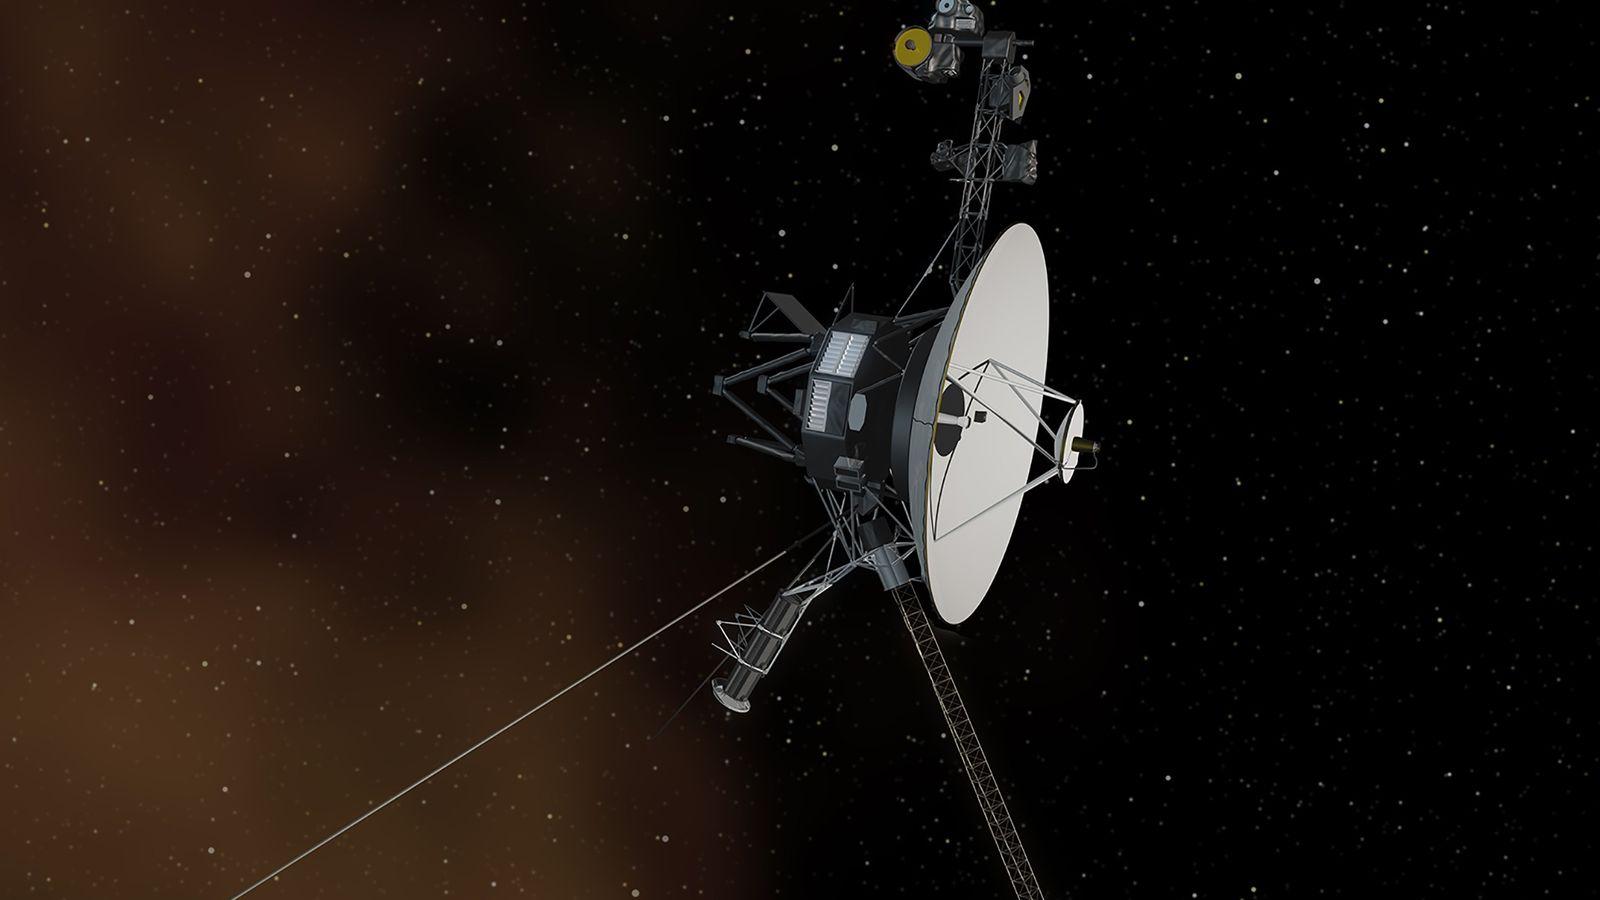 La Voyager 1 entra al espacio interestelar en una ilustración. La nave espacial de la NASA ...